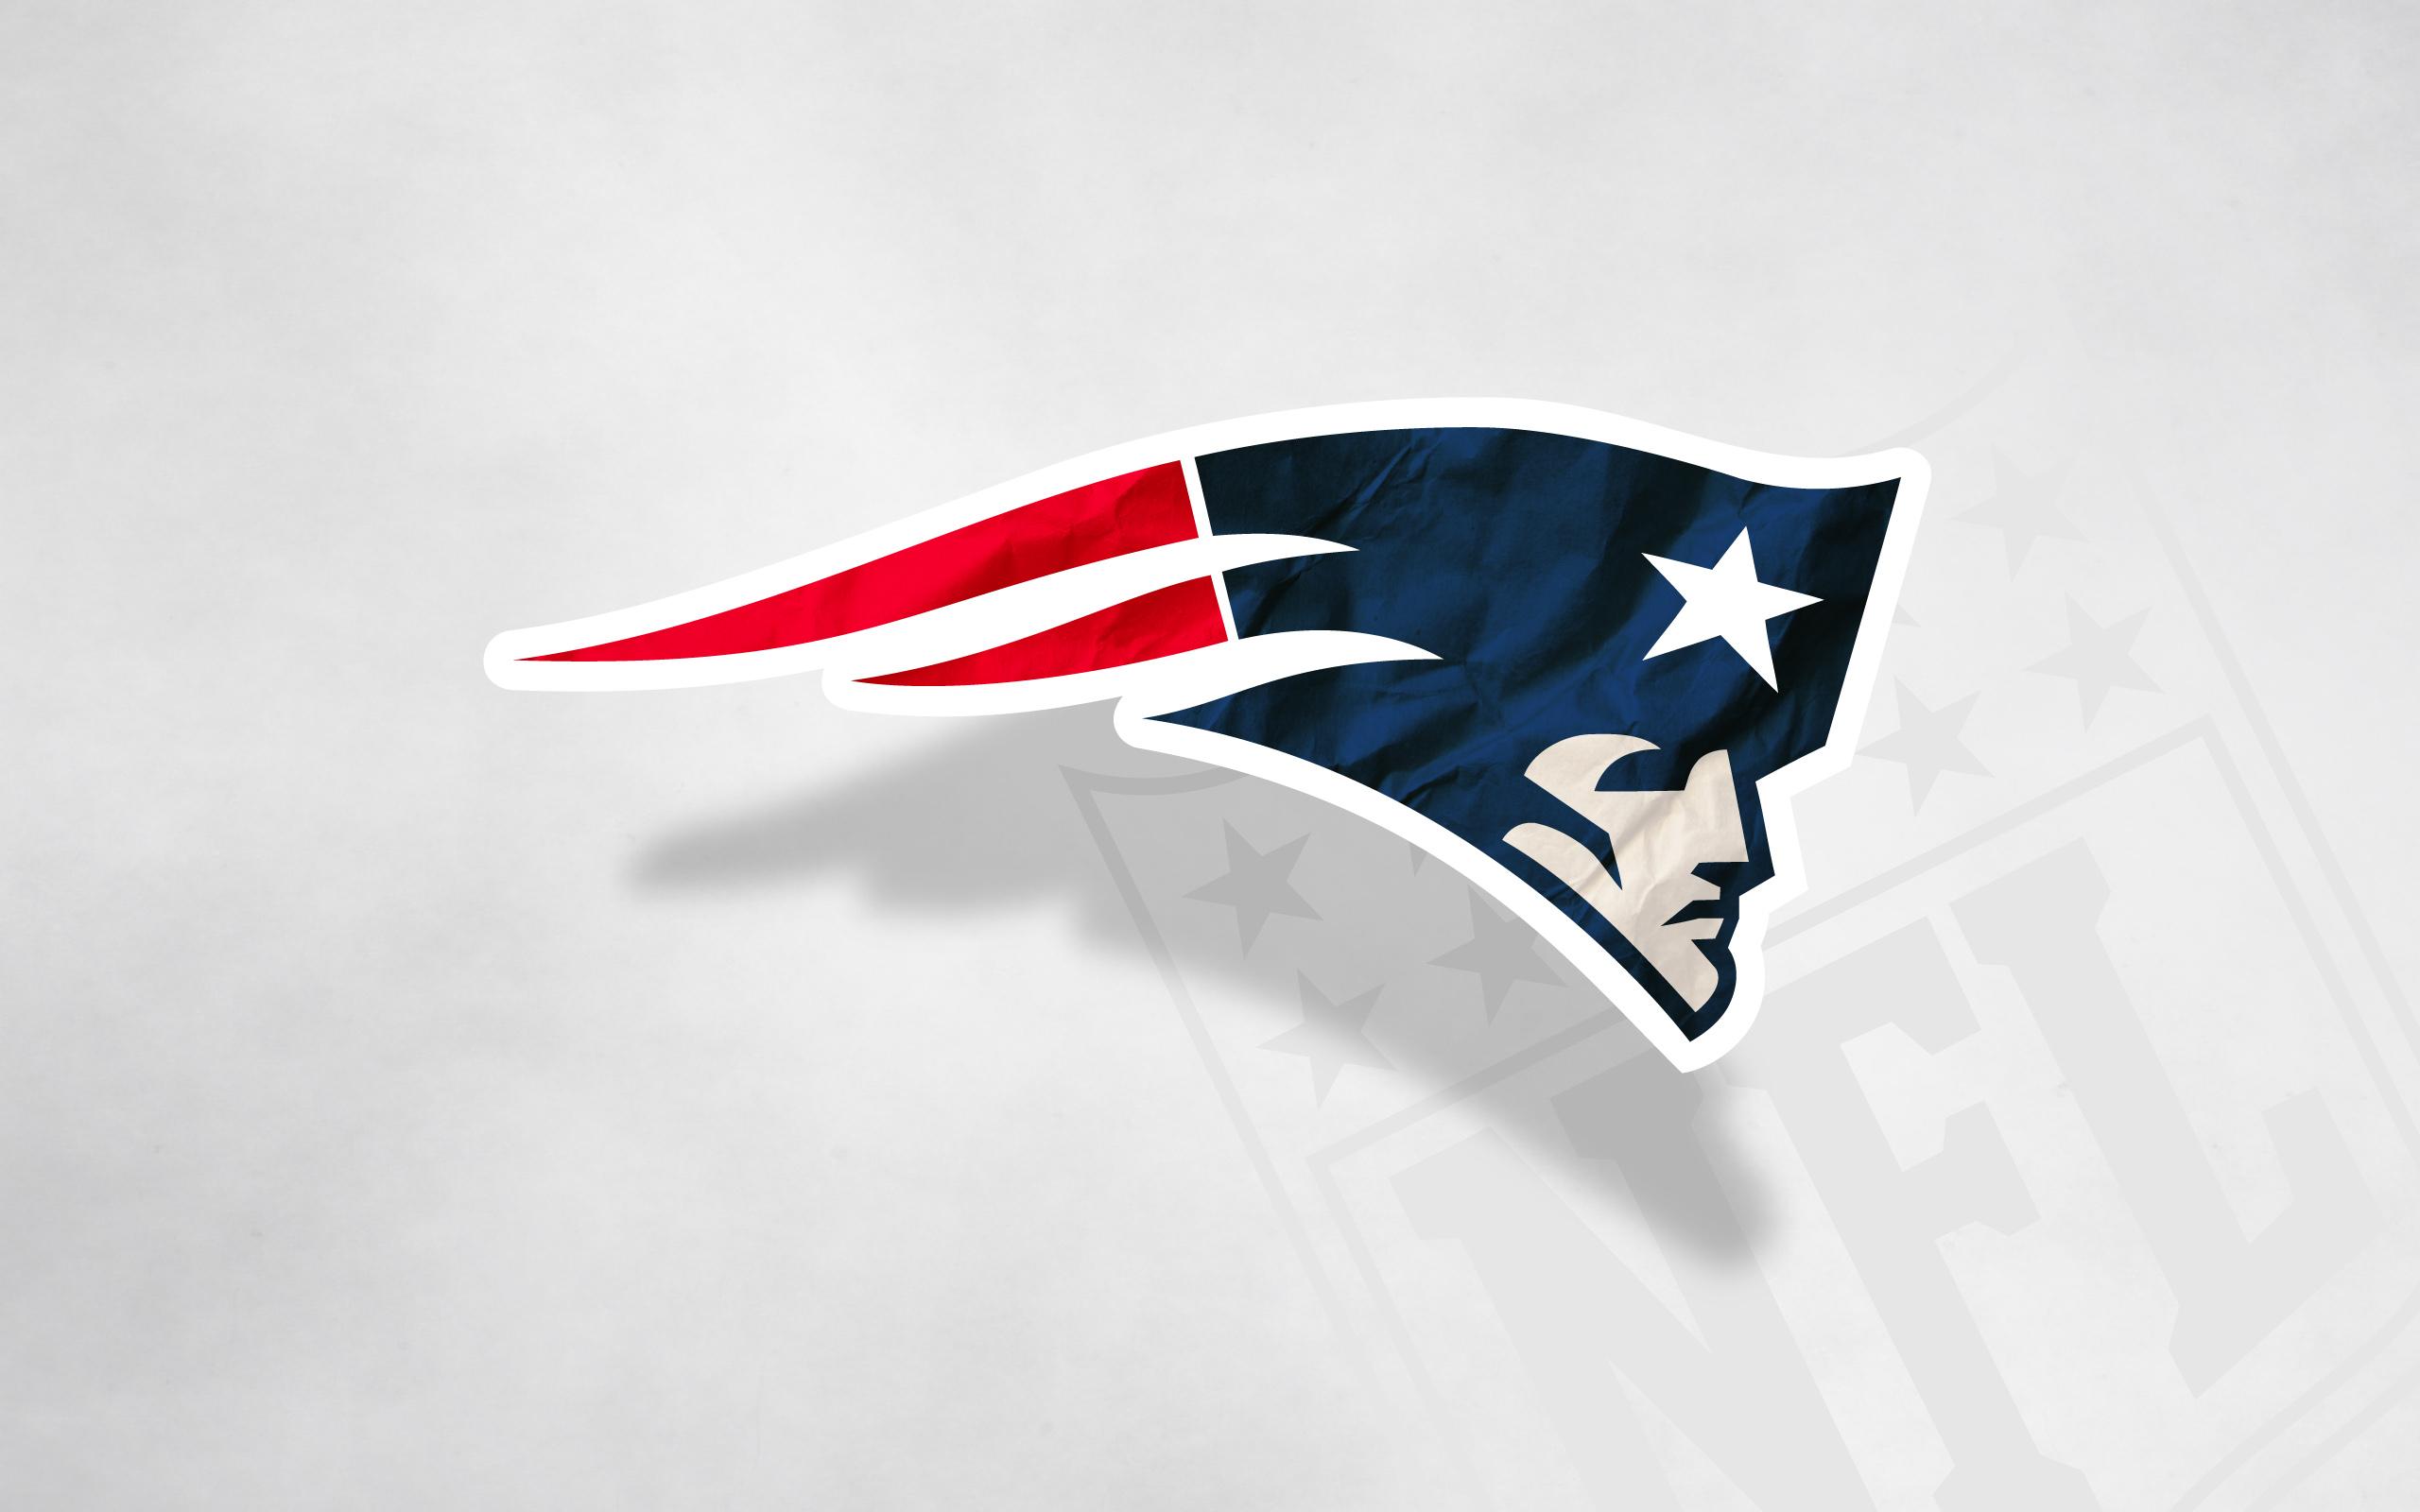 Patriots Wallpaper Hd 16 Hd New England Patriots Wallpapers